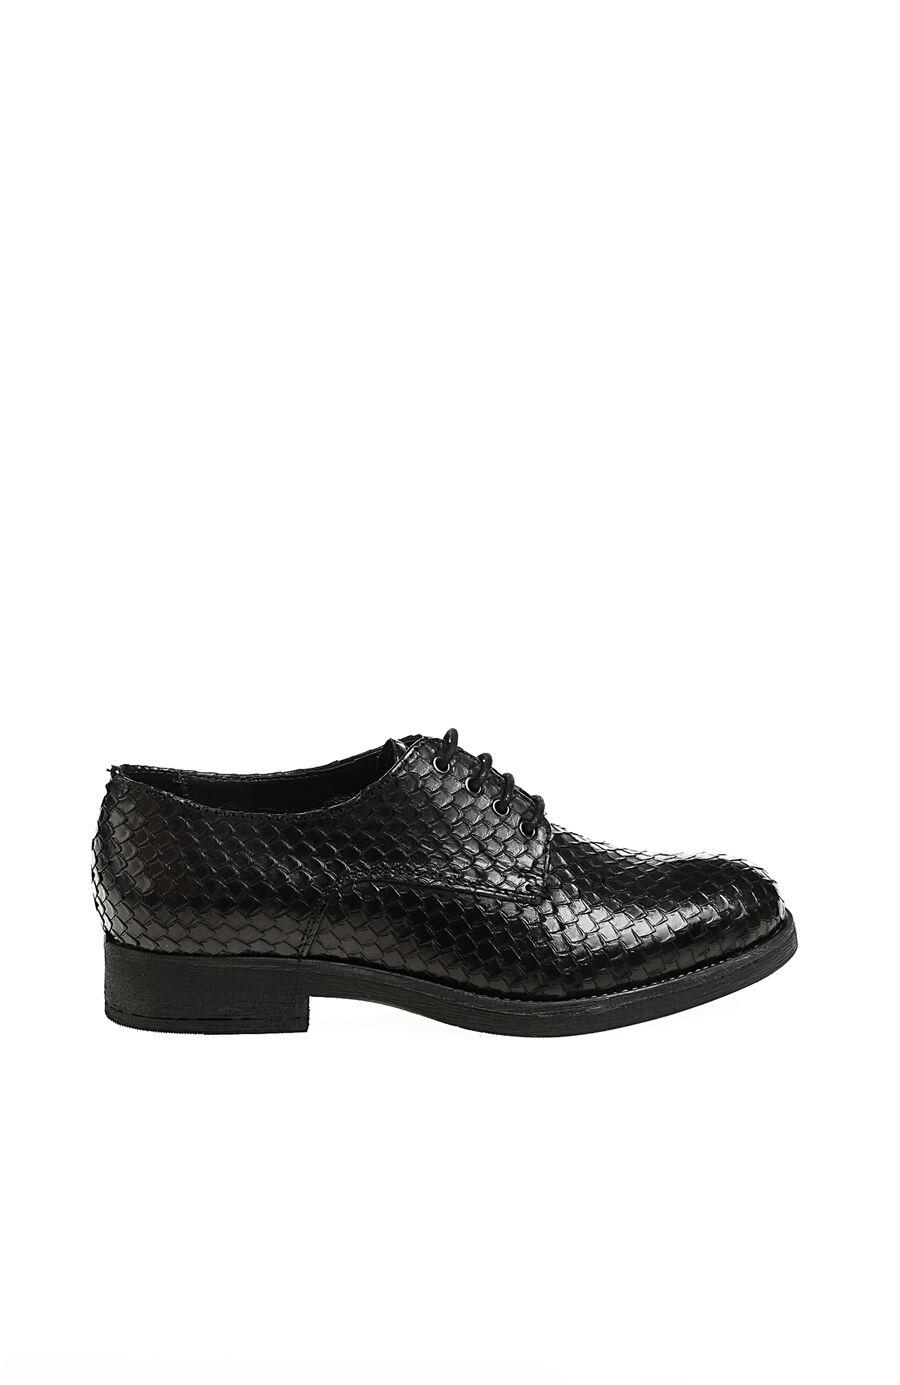 Yılan Derisi Baskılı Siyah Ayakkabı